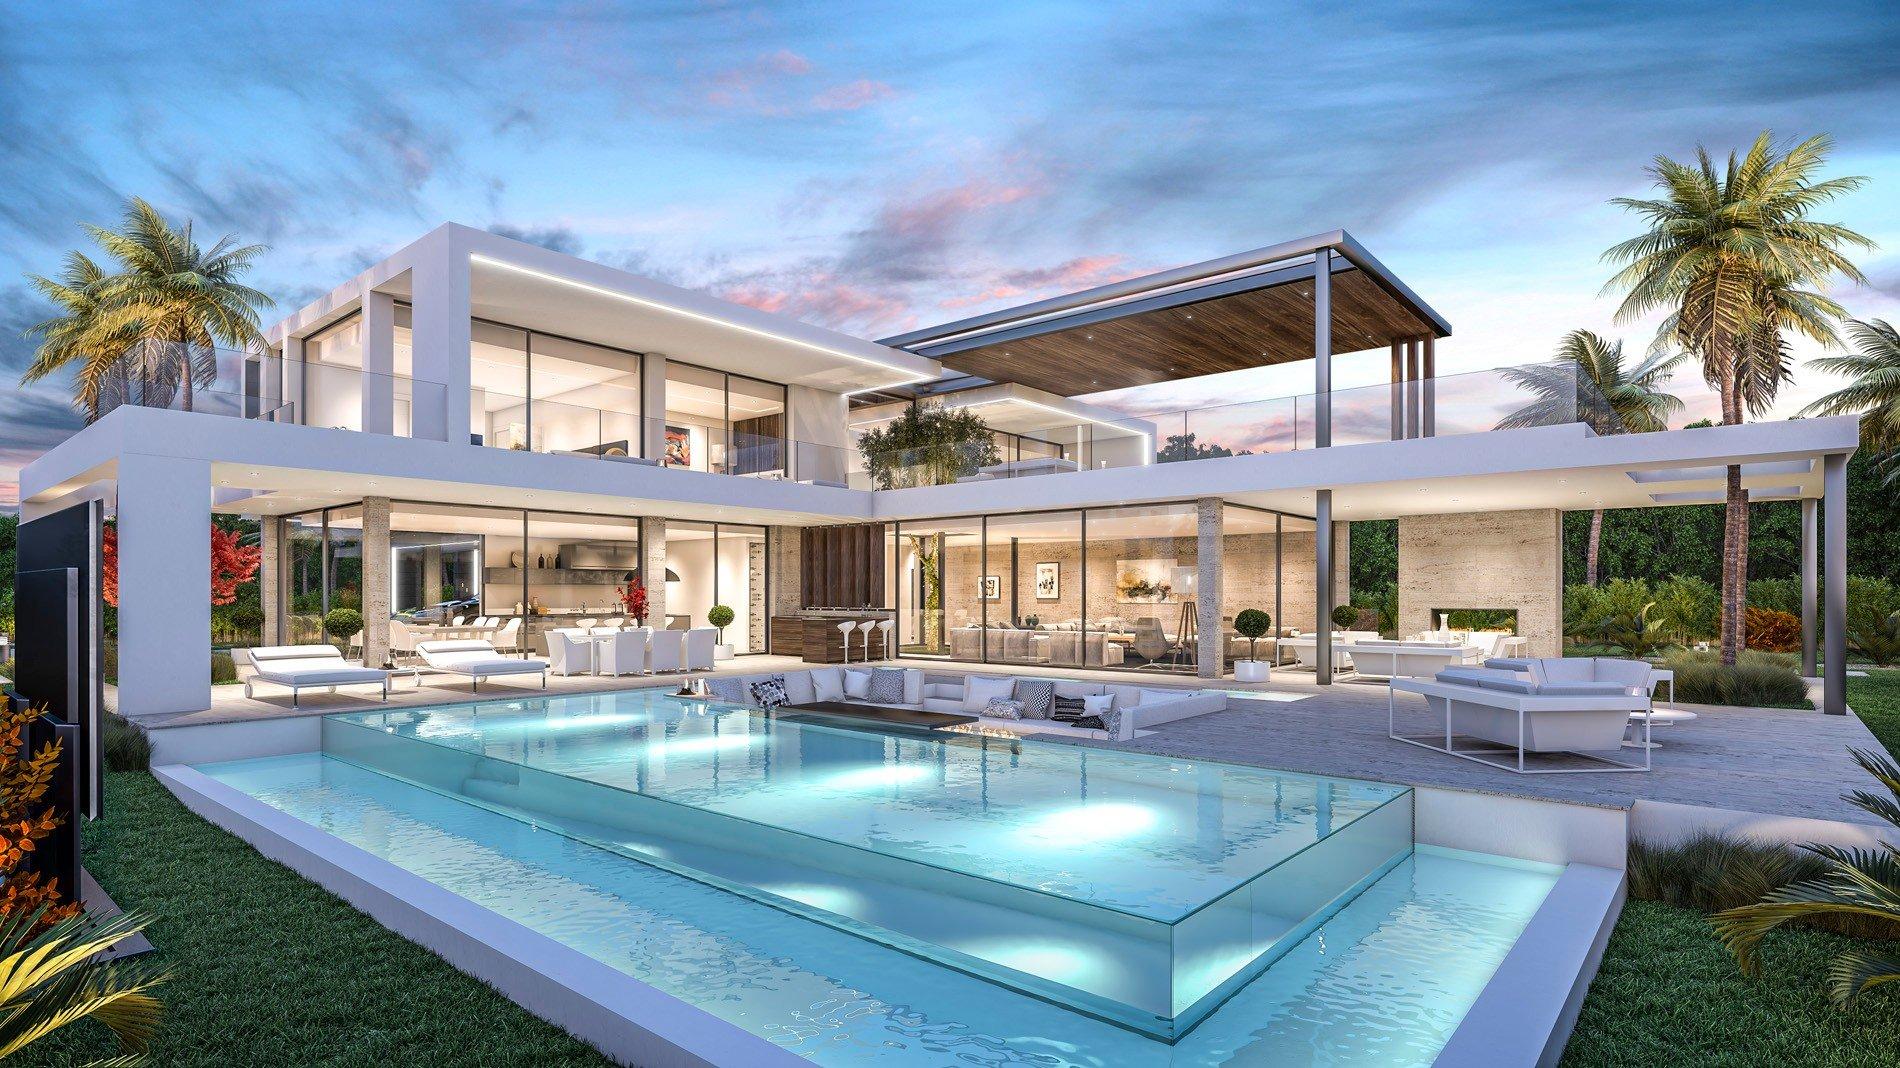 5 Bedroom 6 Bathroom Villa For Sale In El Paraiso Estepona